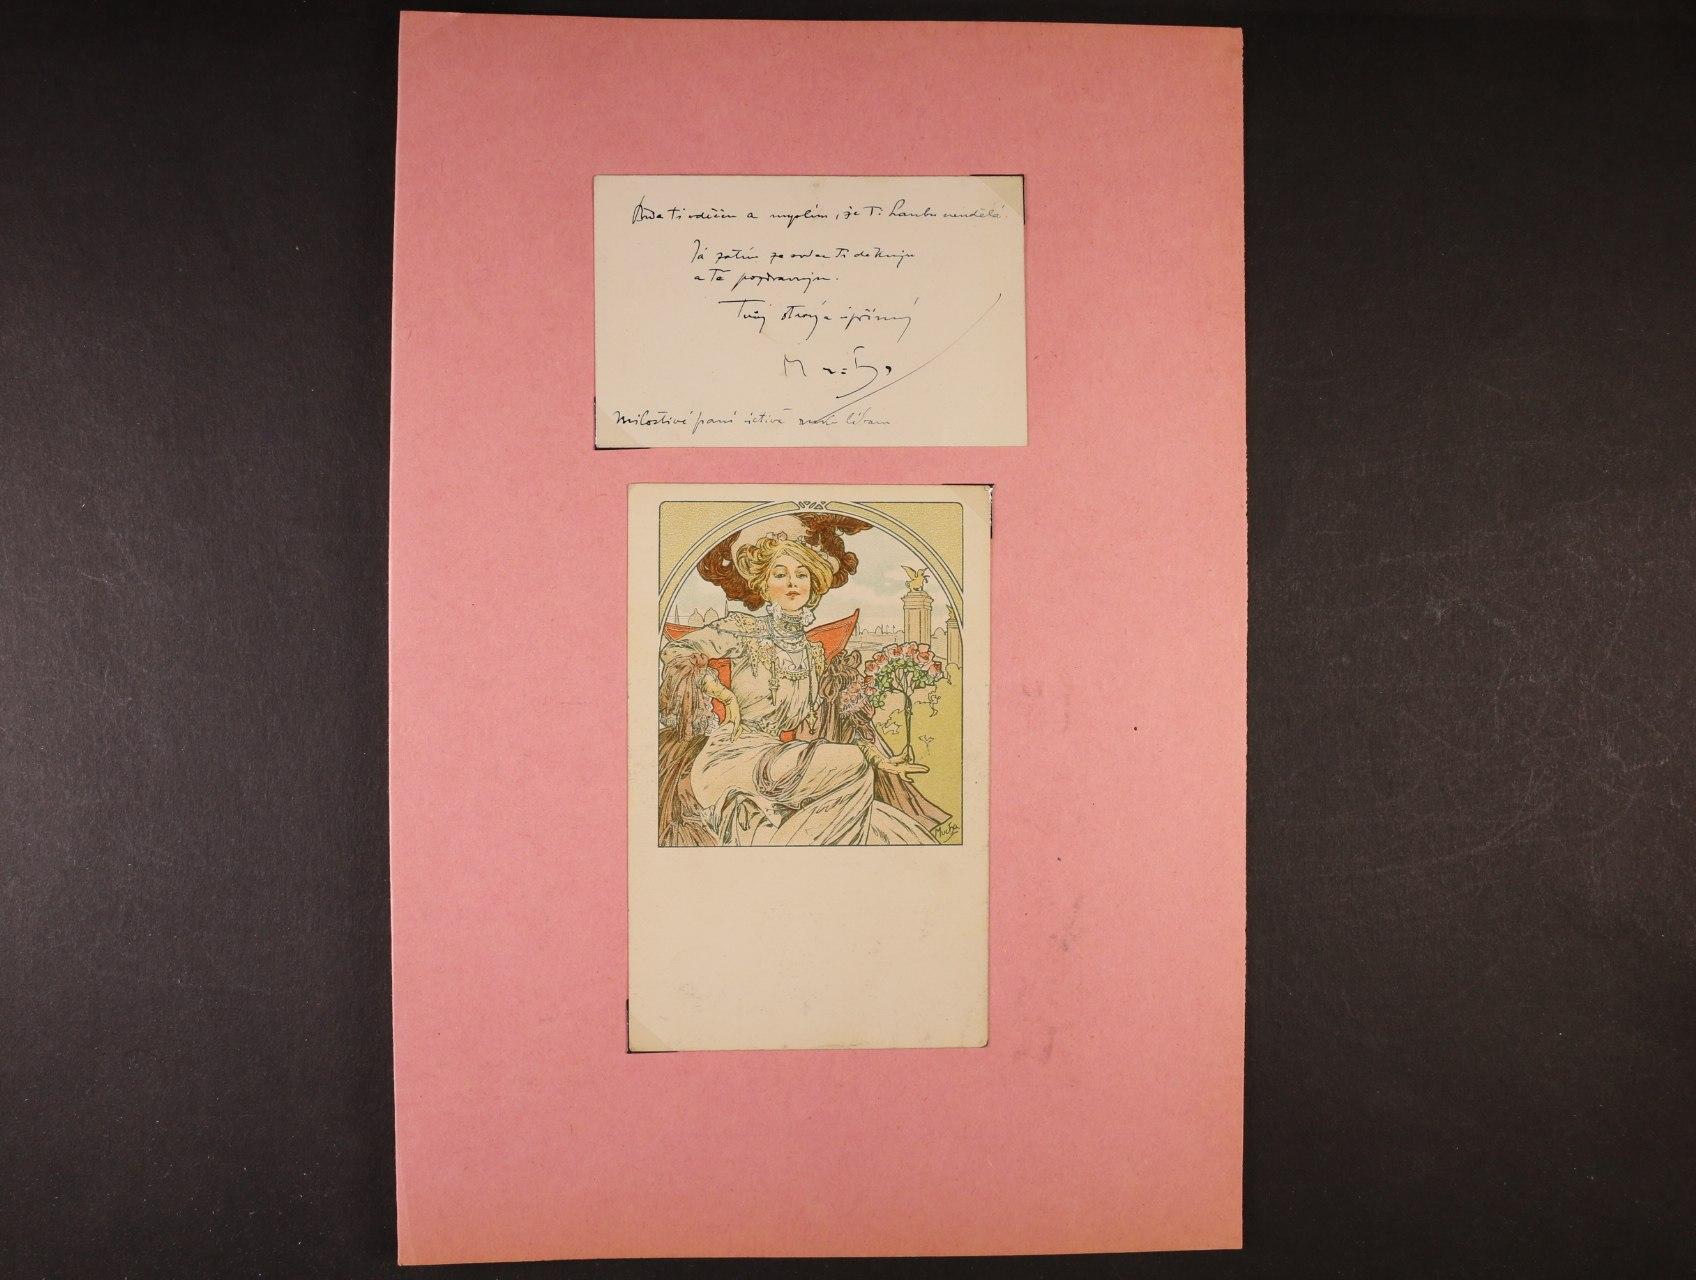 Mucha Alfons 1860 - 1939, význačný český malíř, zakladatel secese - bar. litograf. pohlednice - francouzské vydání a přiložená vizitka spozdravem, přáním a vlastnoručním podpisem